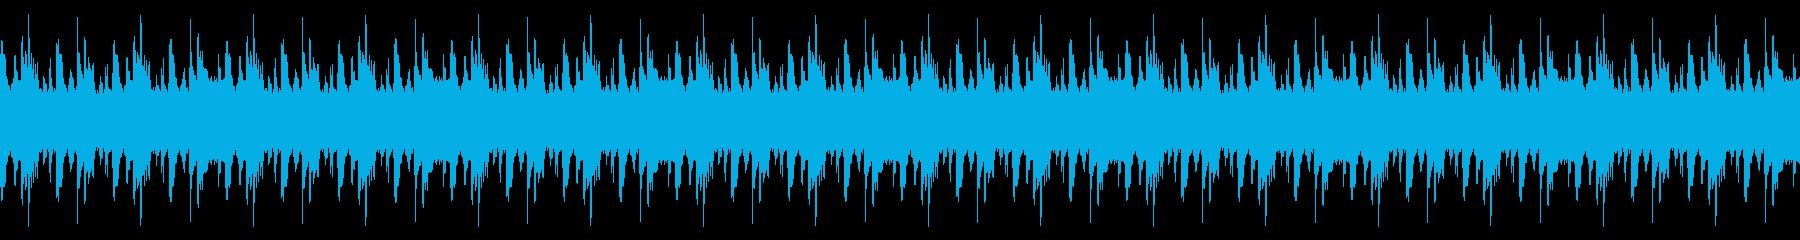 エレキベースがかっこいいロックなBGMの再生済みの波形